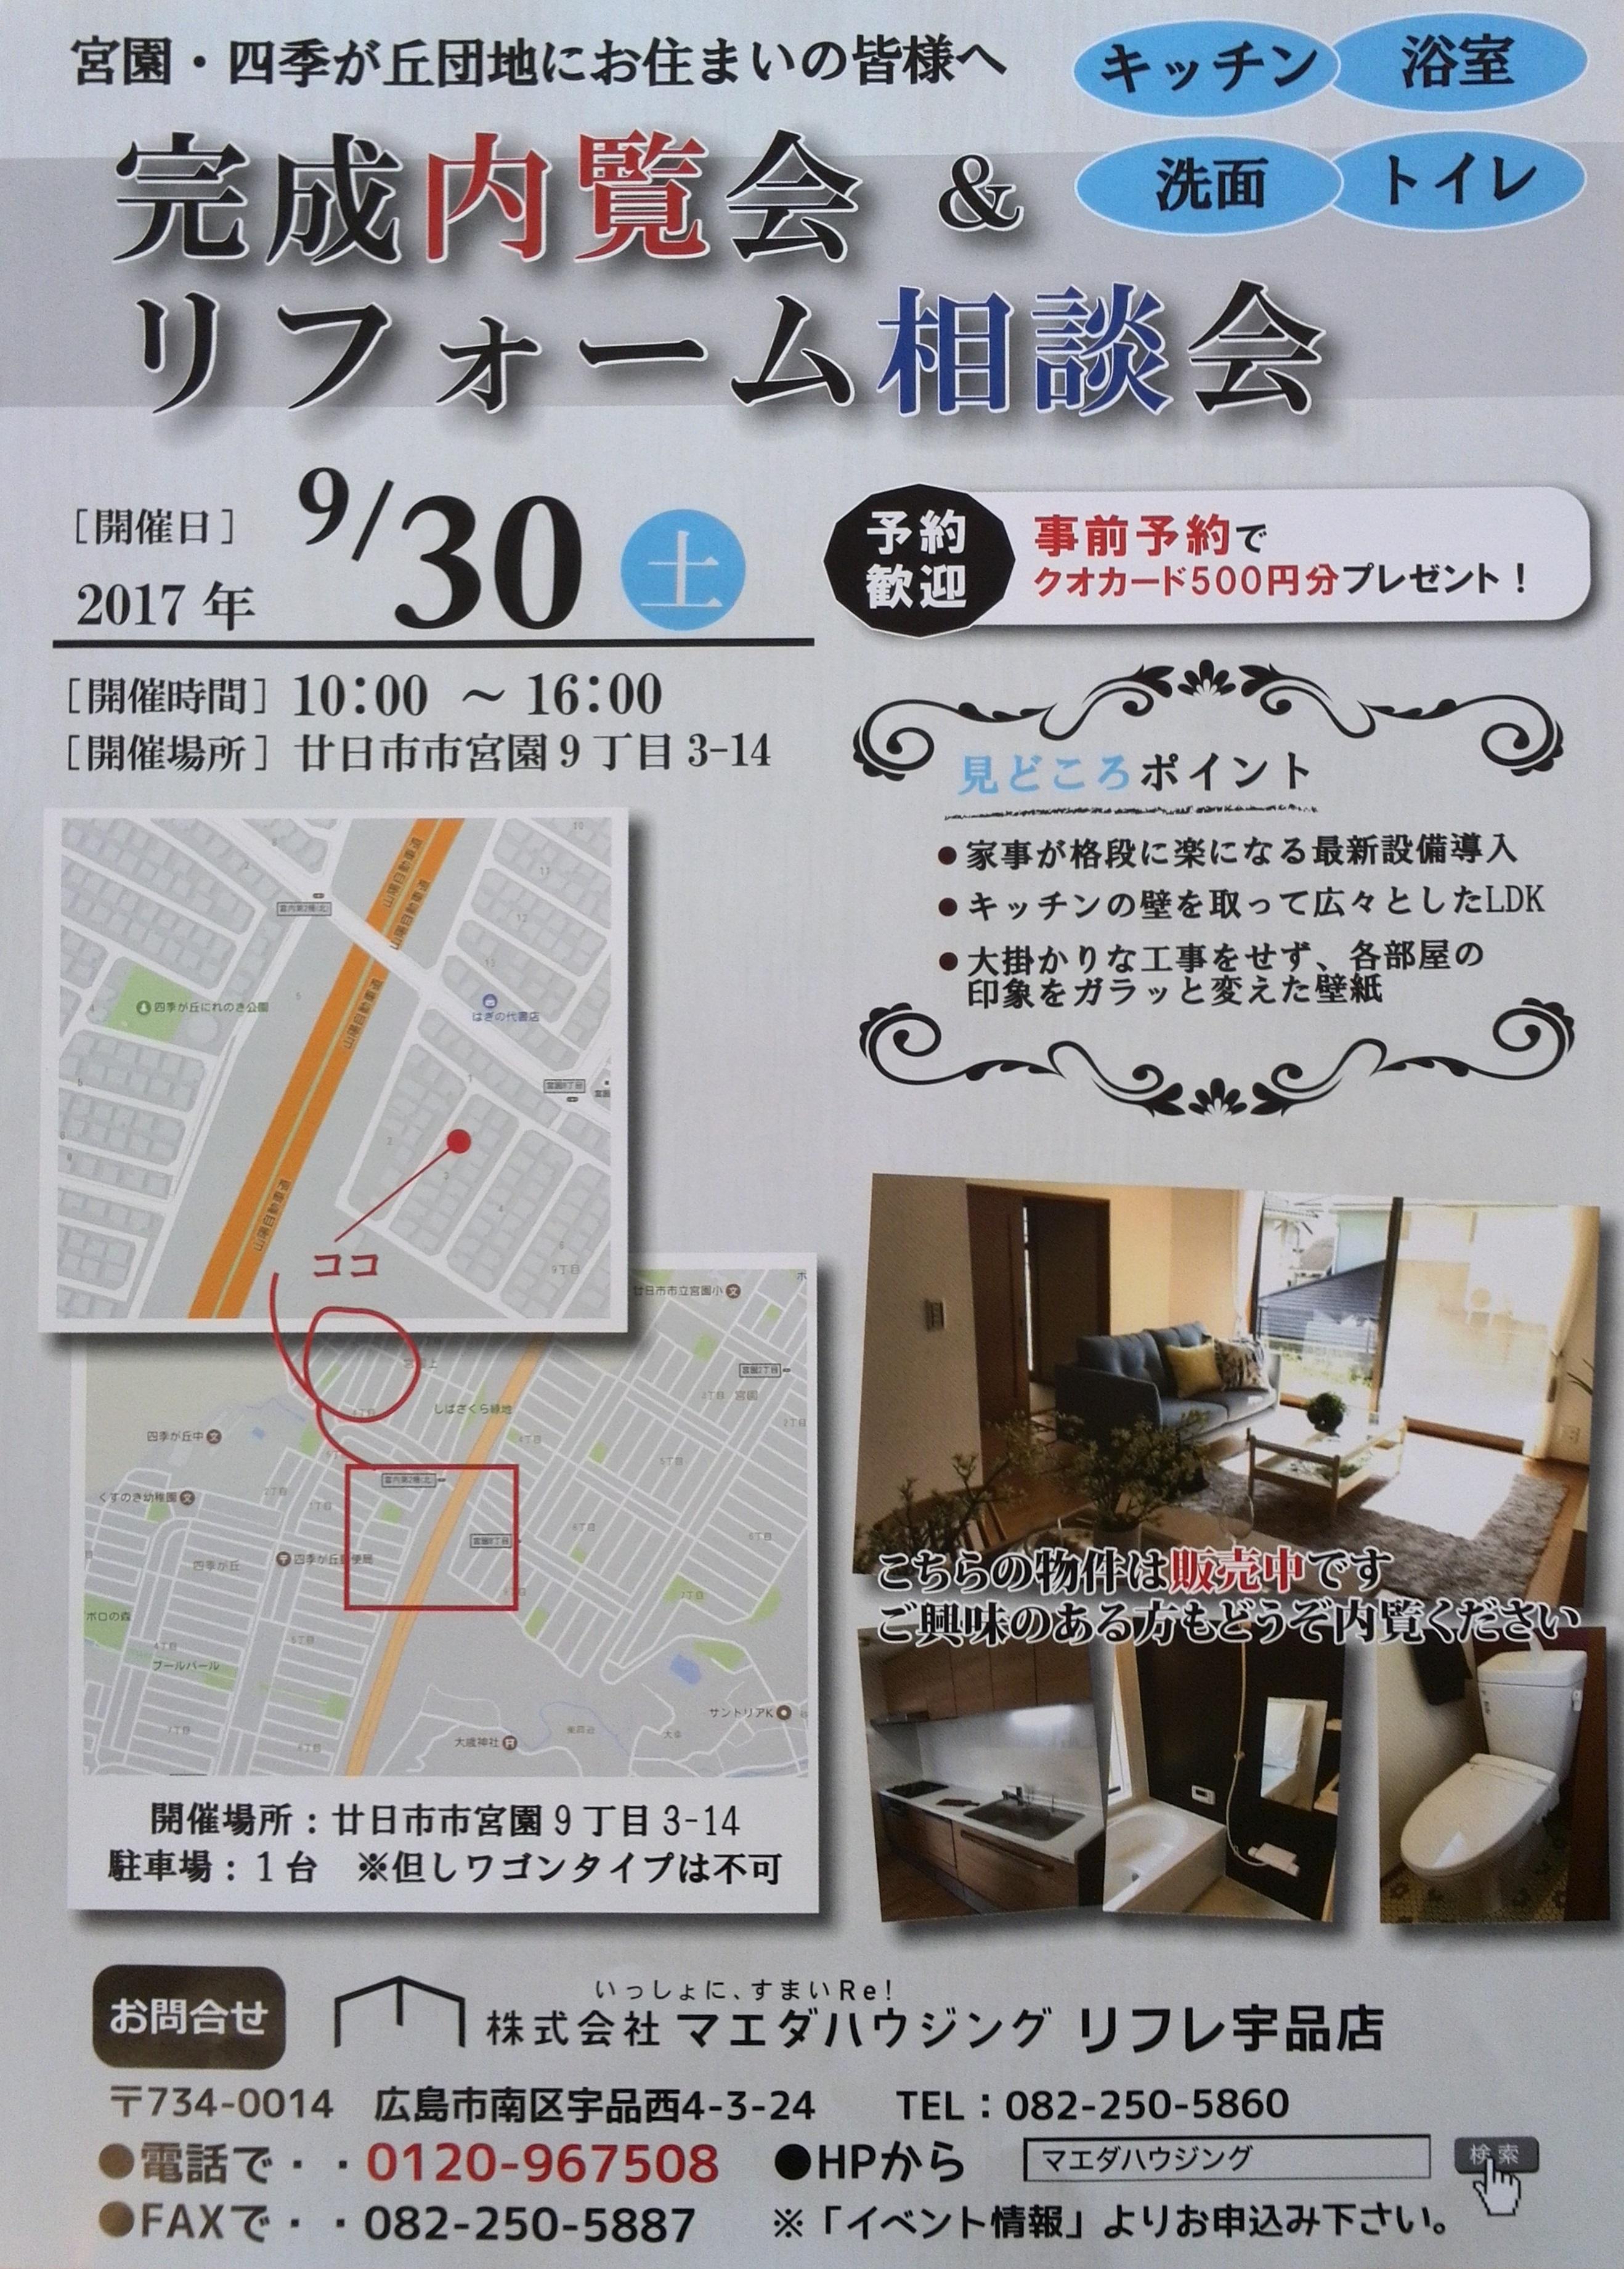 9月30日㈯ 完成内覧会&リフォーム相談会